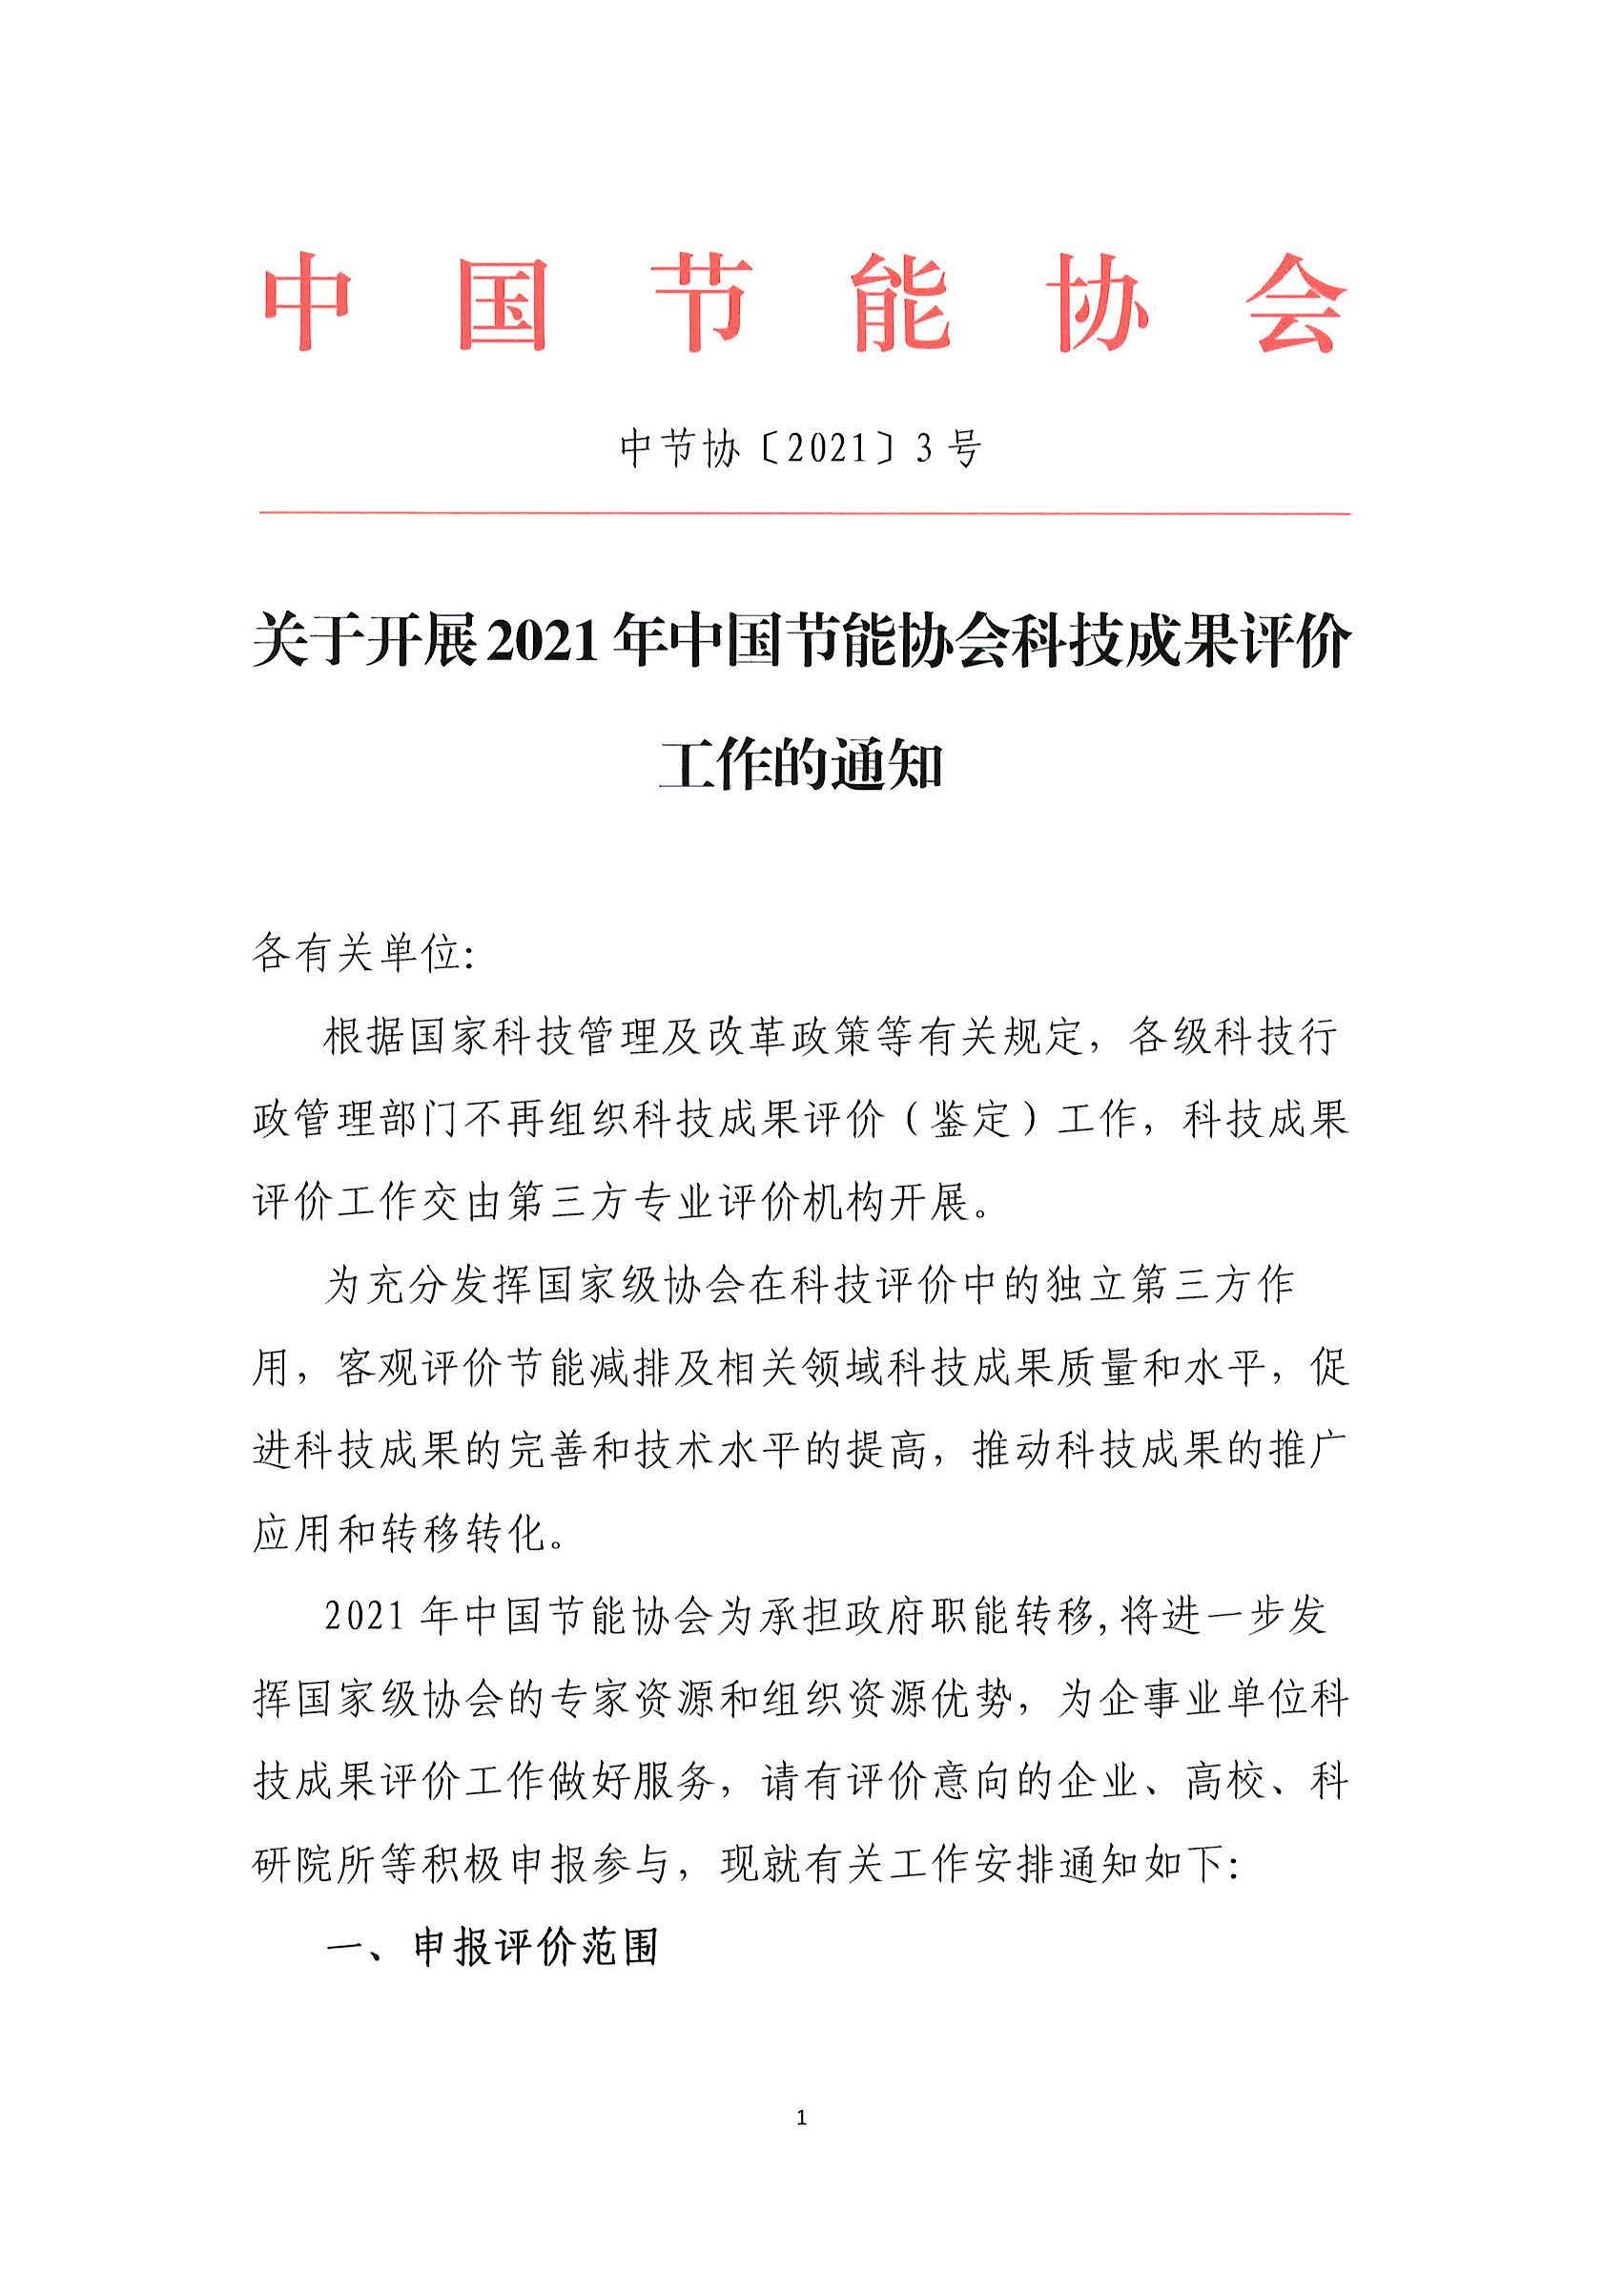 关于公开征集2021年中国节能协会创新奖的通知_页面_5_页面_1.jpg